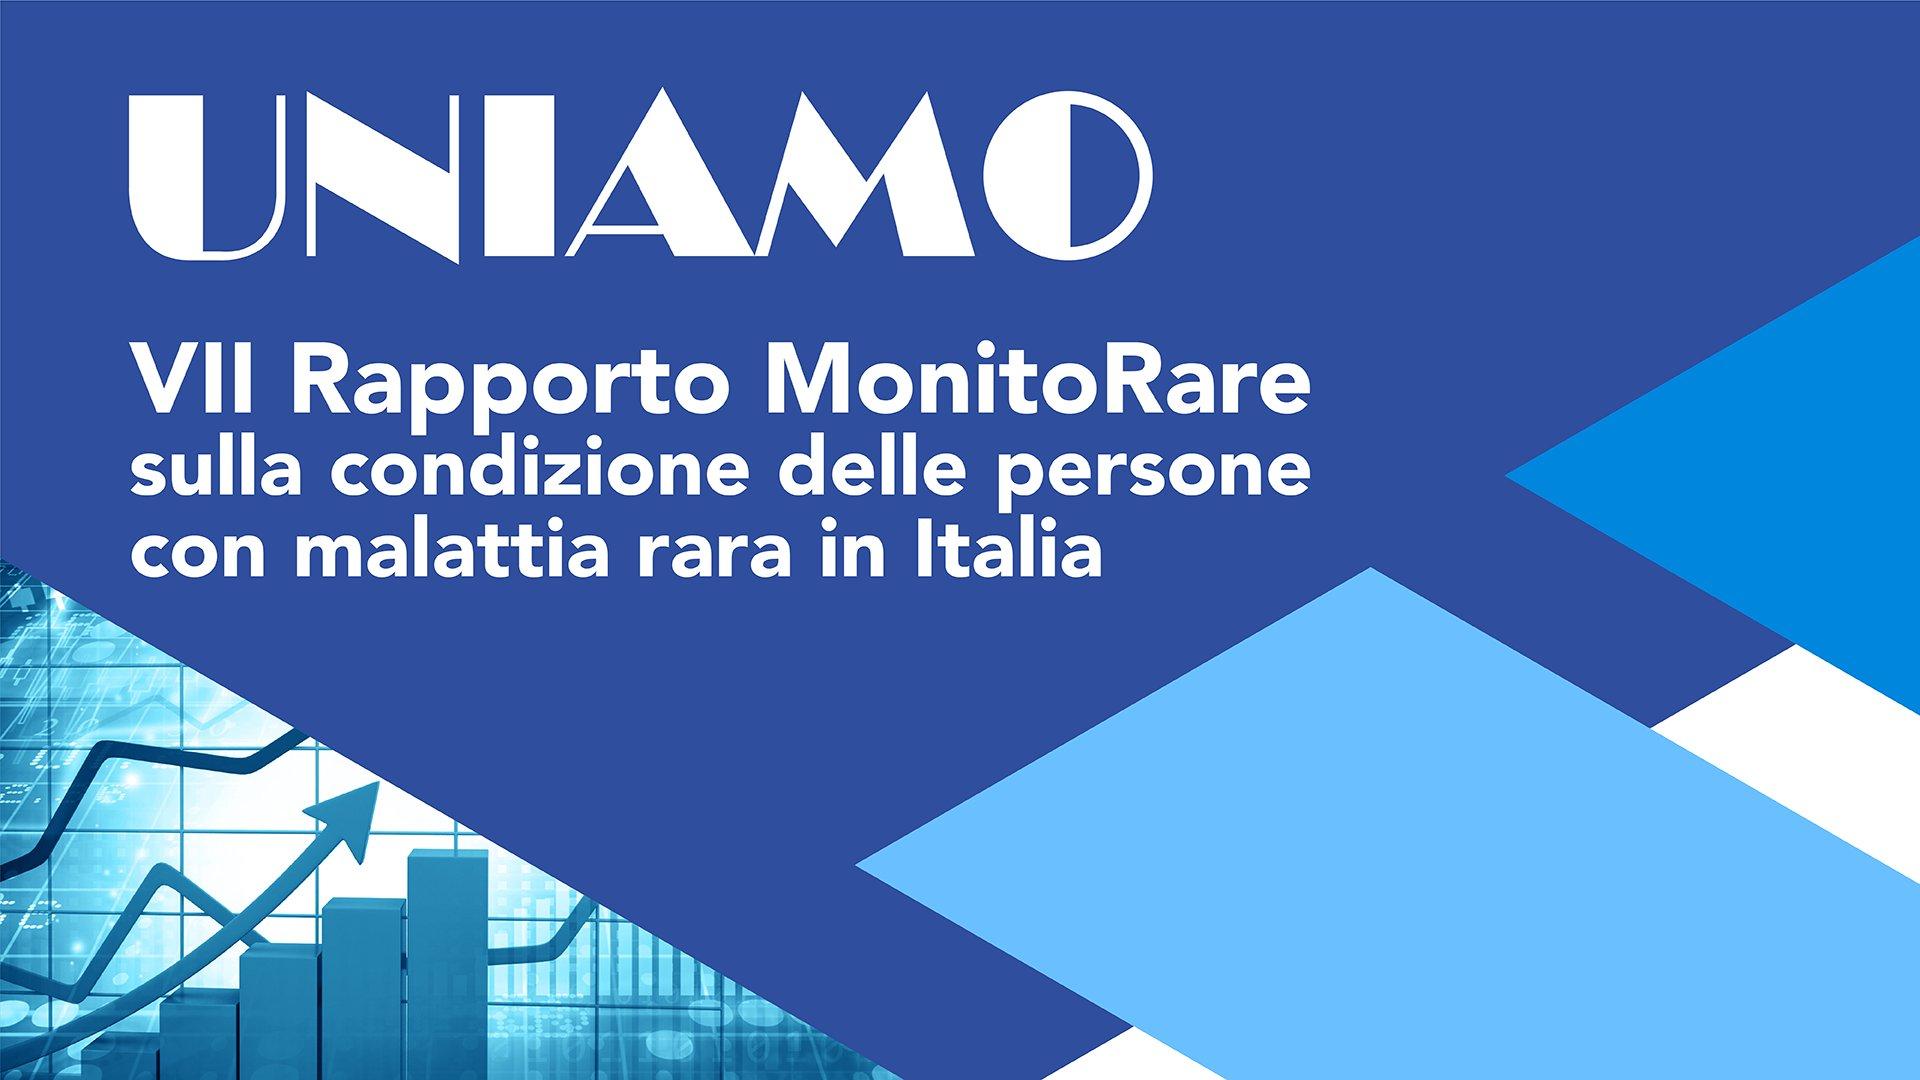 Uniamo 的 2021 MonitoRare:這是罕見疾病的進步(儘管有 Covid)